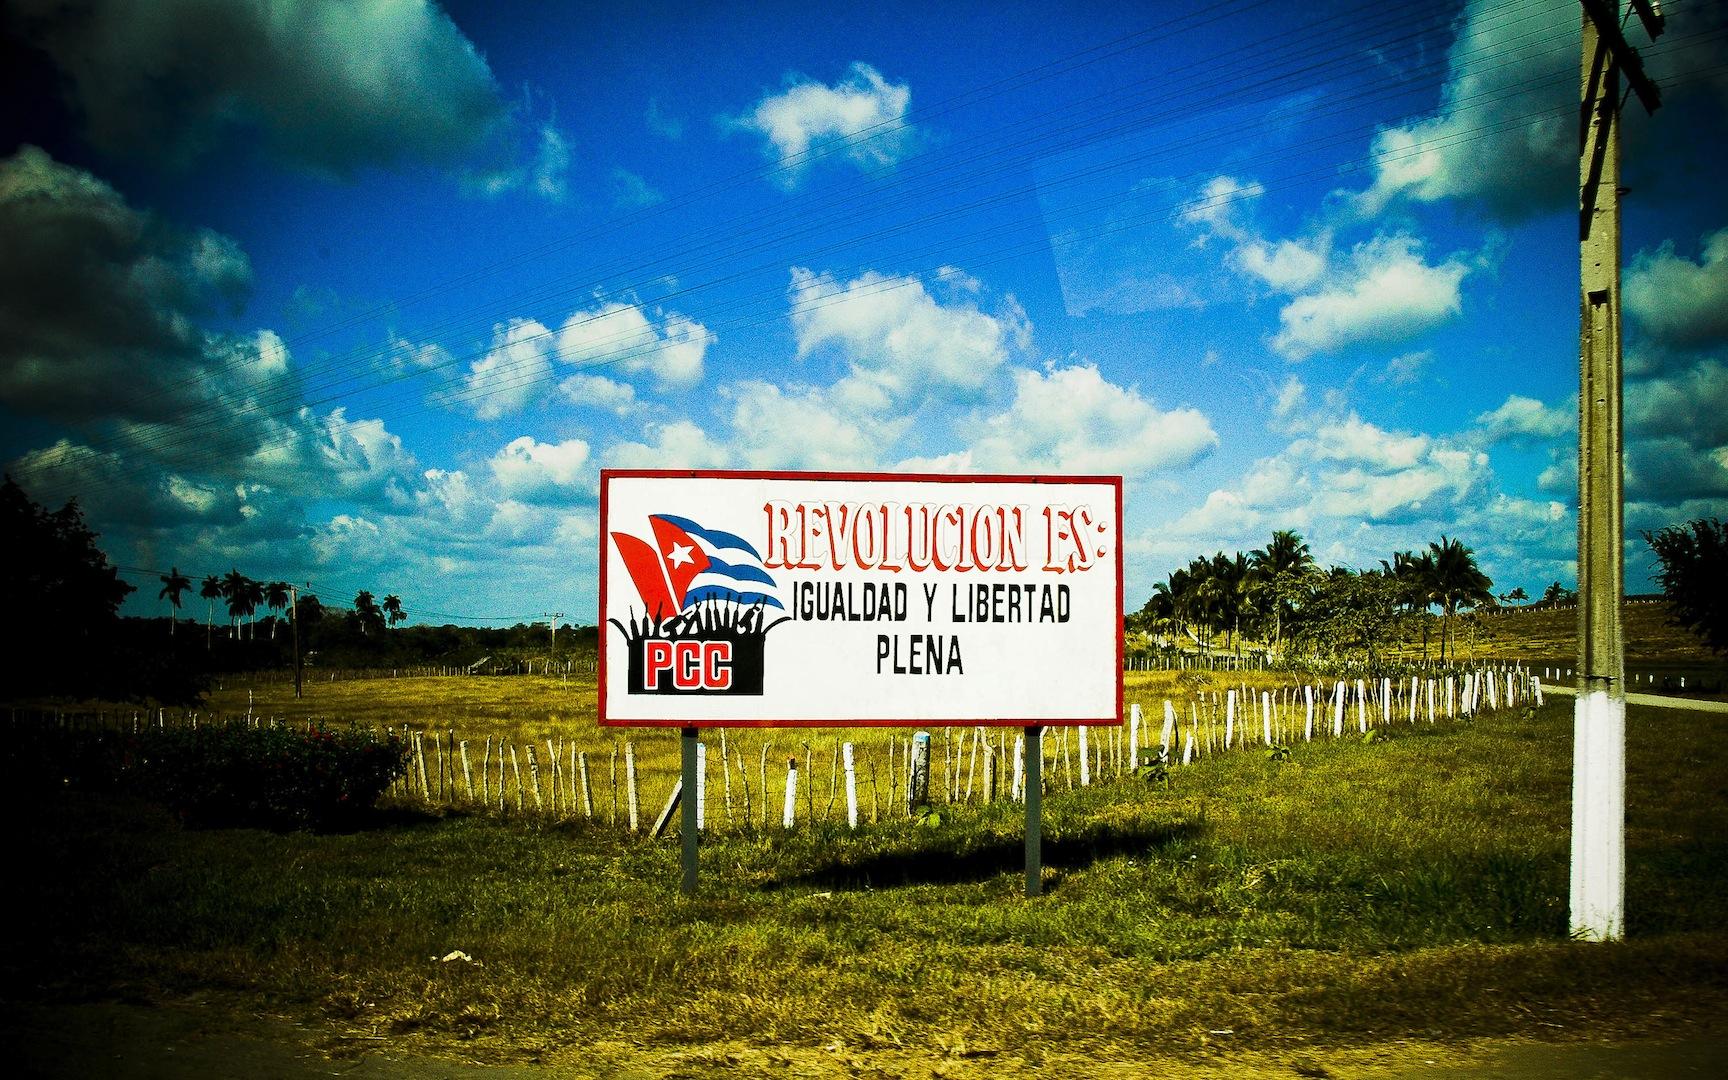 Cuba-26-Cuba-Navidades-IV-2005-094